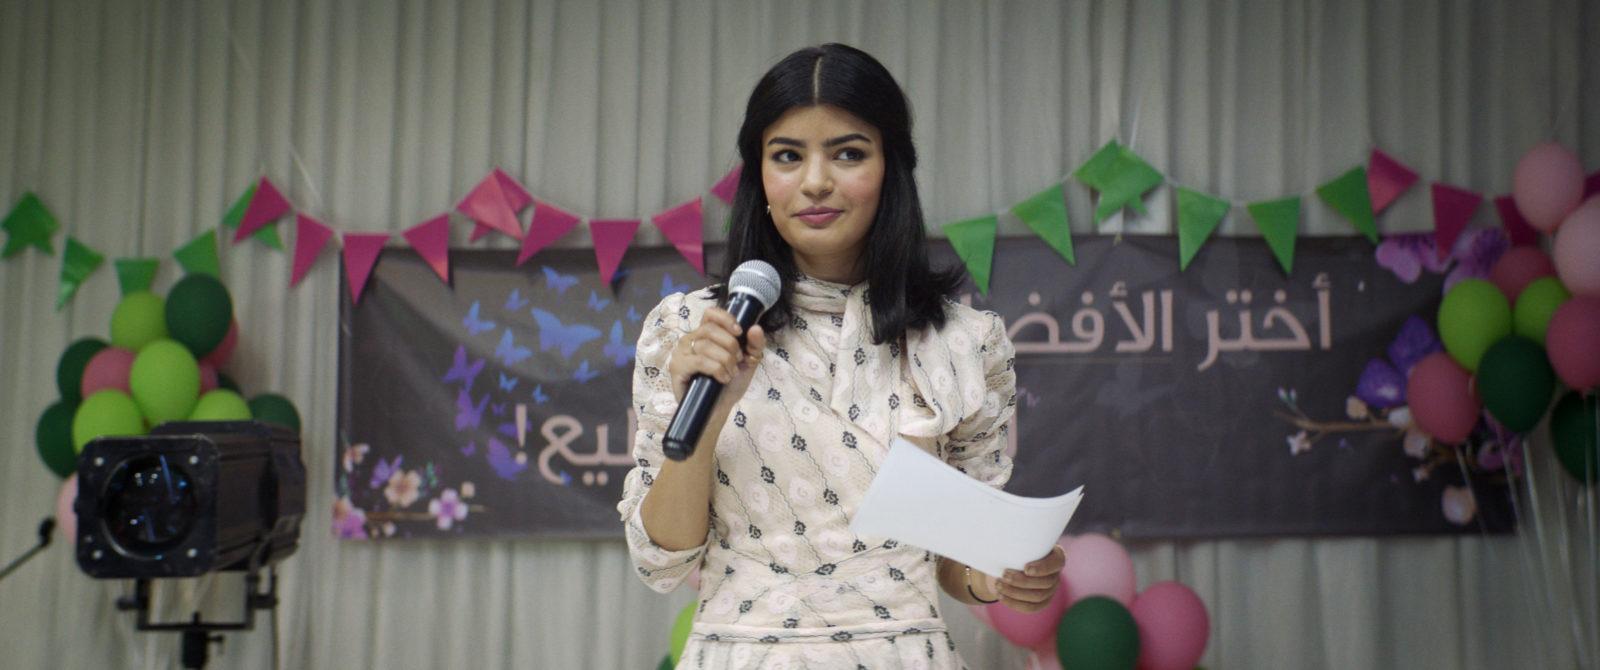 Haifaa Al-Mansour se tornou a primeira mulher a dirigir um filme na Arábia Saudita